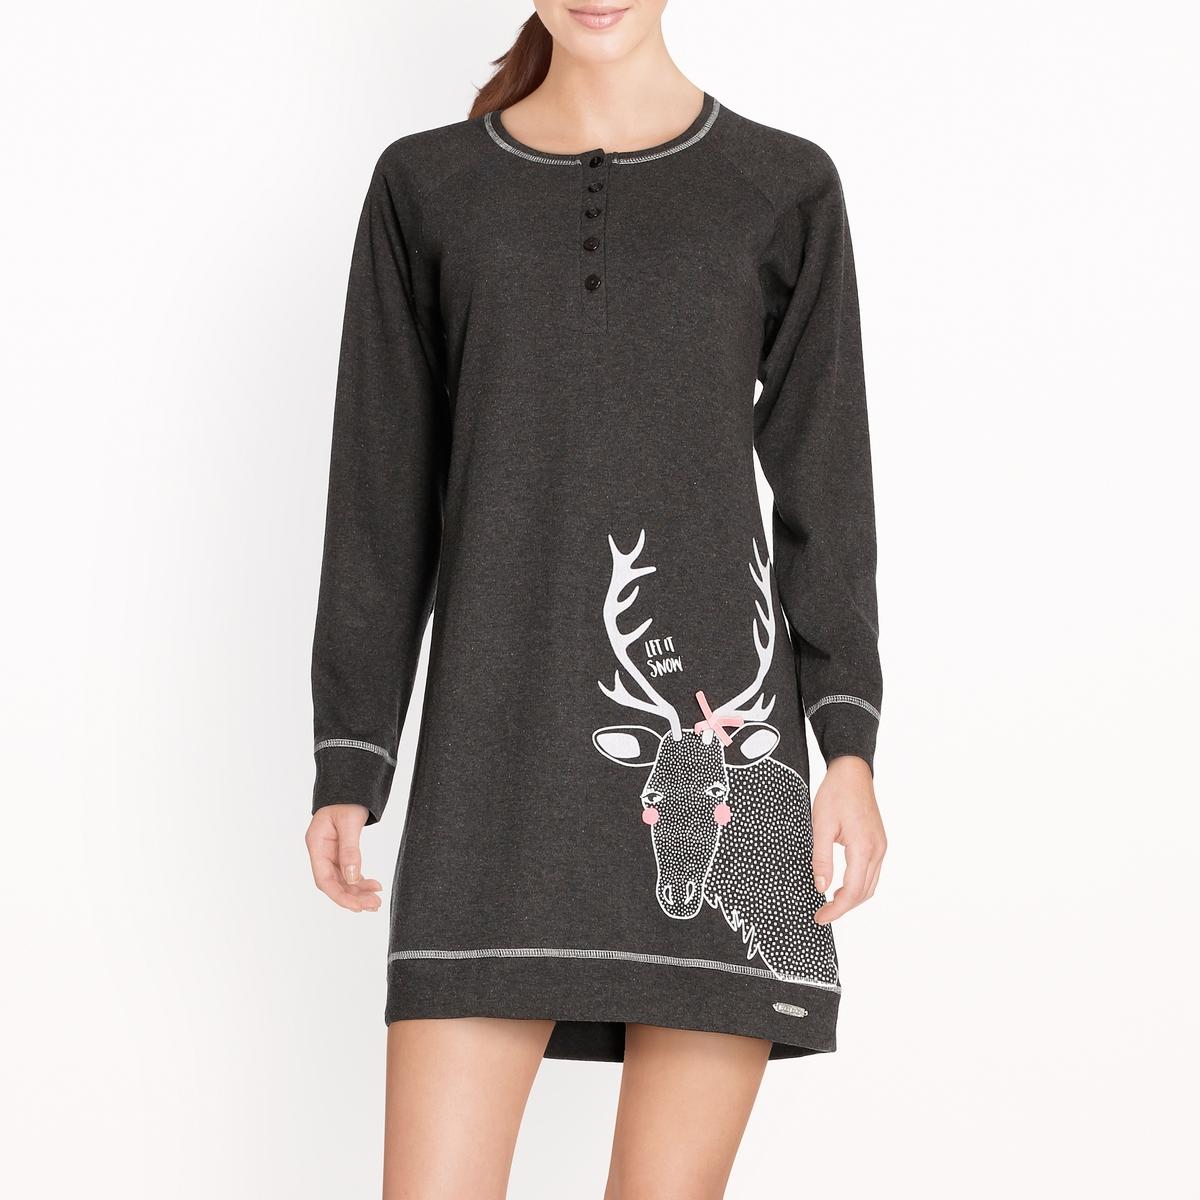 Рубашка ночная CaribouНочная рубашка из джерси Caribou. Длинные рукава. Круглый вырез с планкой застежки на пуговицы. Рисунок белка внизу спереди. Налокотники с мозаичным рисунком. Отделка в виде контрастных швов. Состав и описание Материал : джерси, 100% хлопокМарка : DODOМодель : Caribou Уход Машинная стирка при 30 °C Стирать с вещами схожих цветовМашинная сушка в деликатном режимеГладить при умеренной температуре с изнаночной стороны<br><br>Цвет: антрацит<br>Размер: XL.L